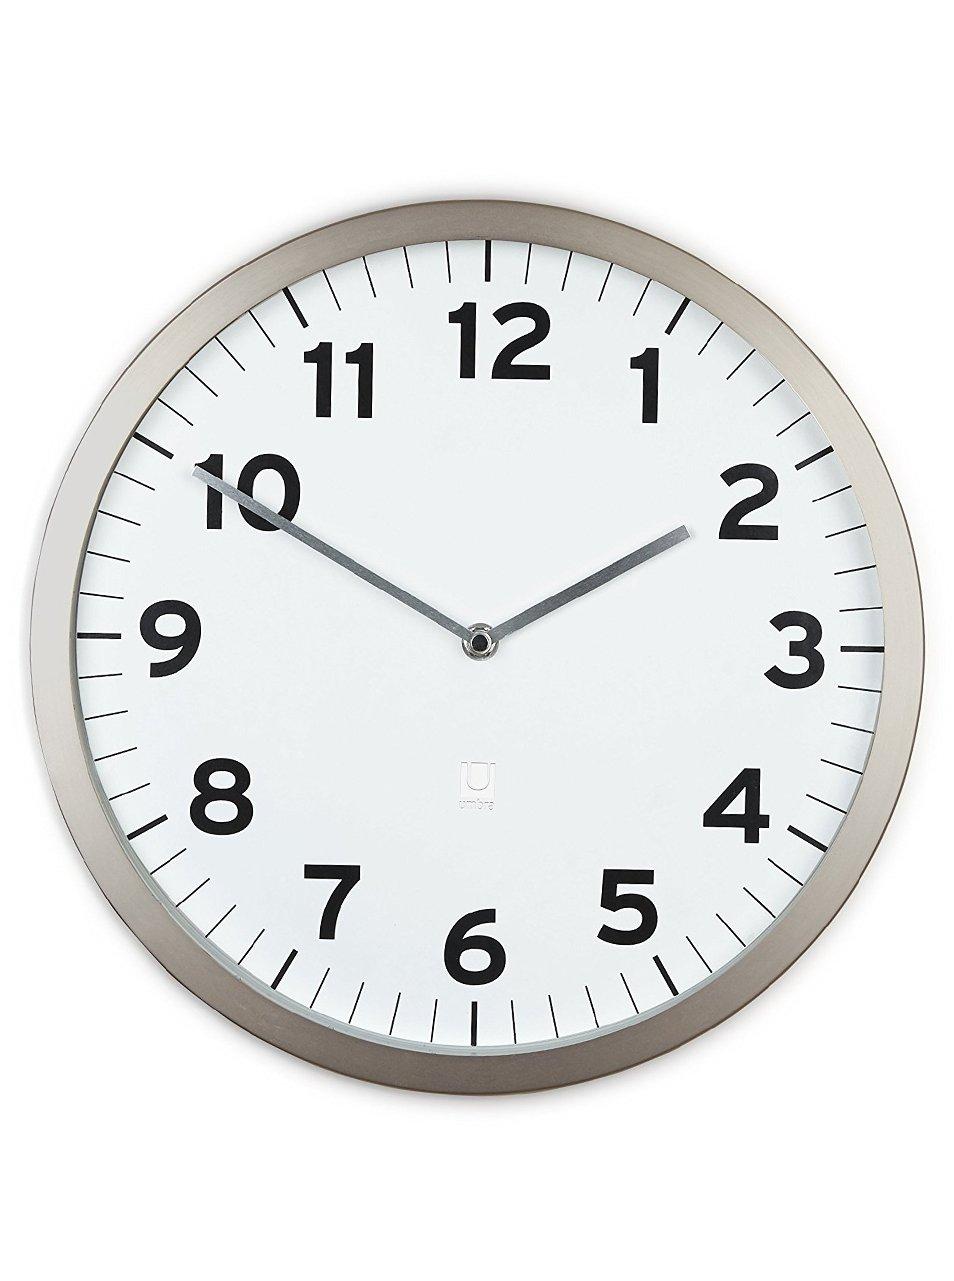 Bílé nástěnné hodiny Umbra Anytime